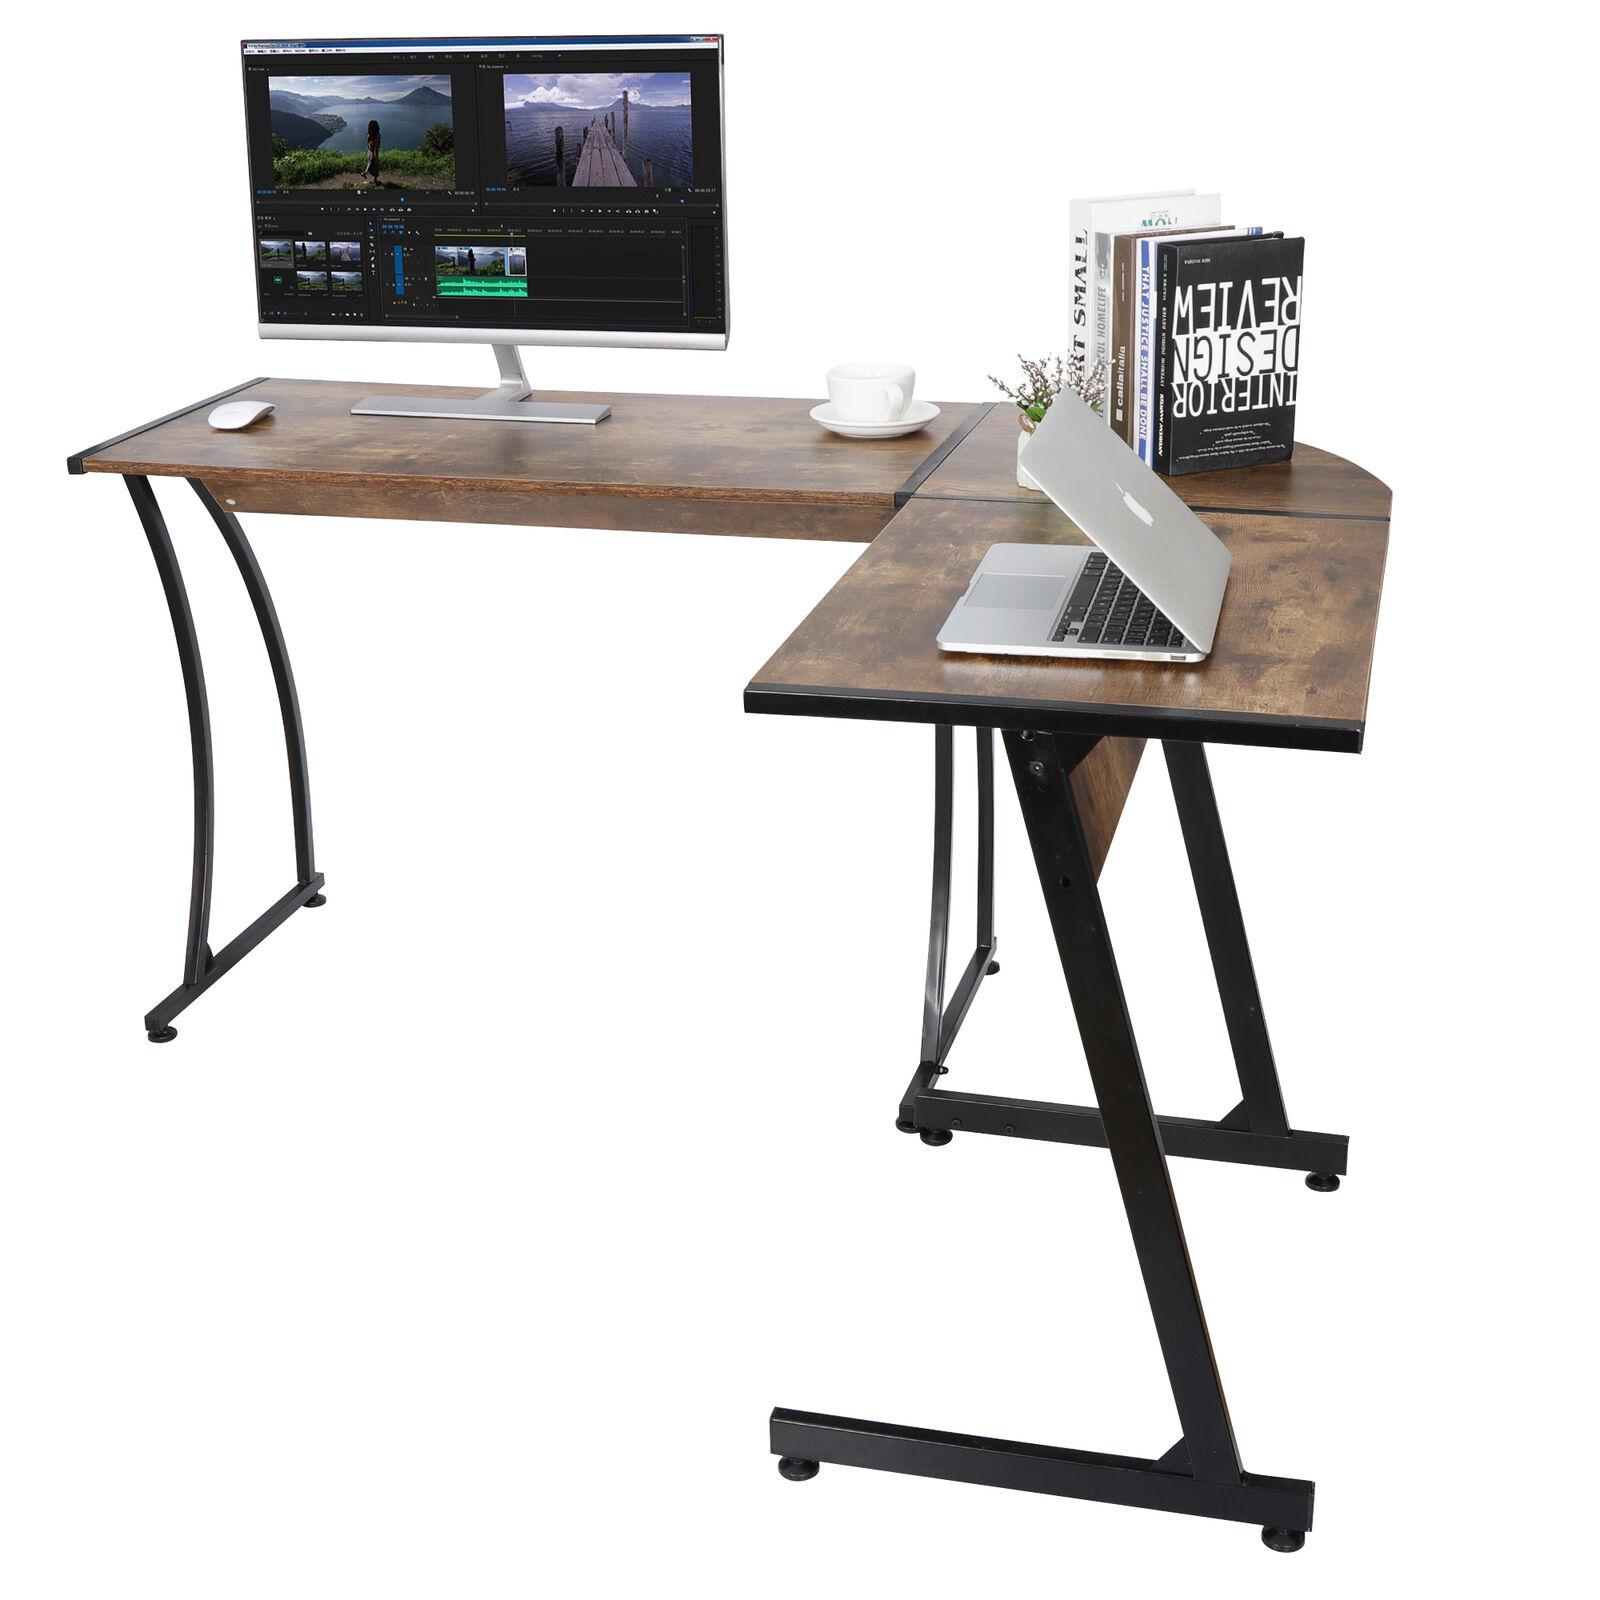 Fineboard L Shaped Office Corner Desk 2 Side Shelves Black For Sale Online Ebay